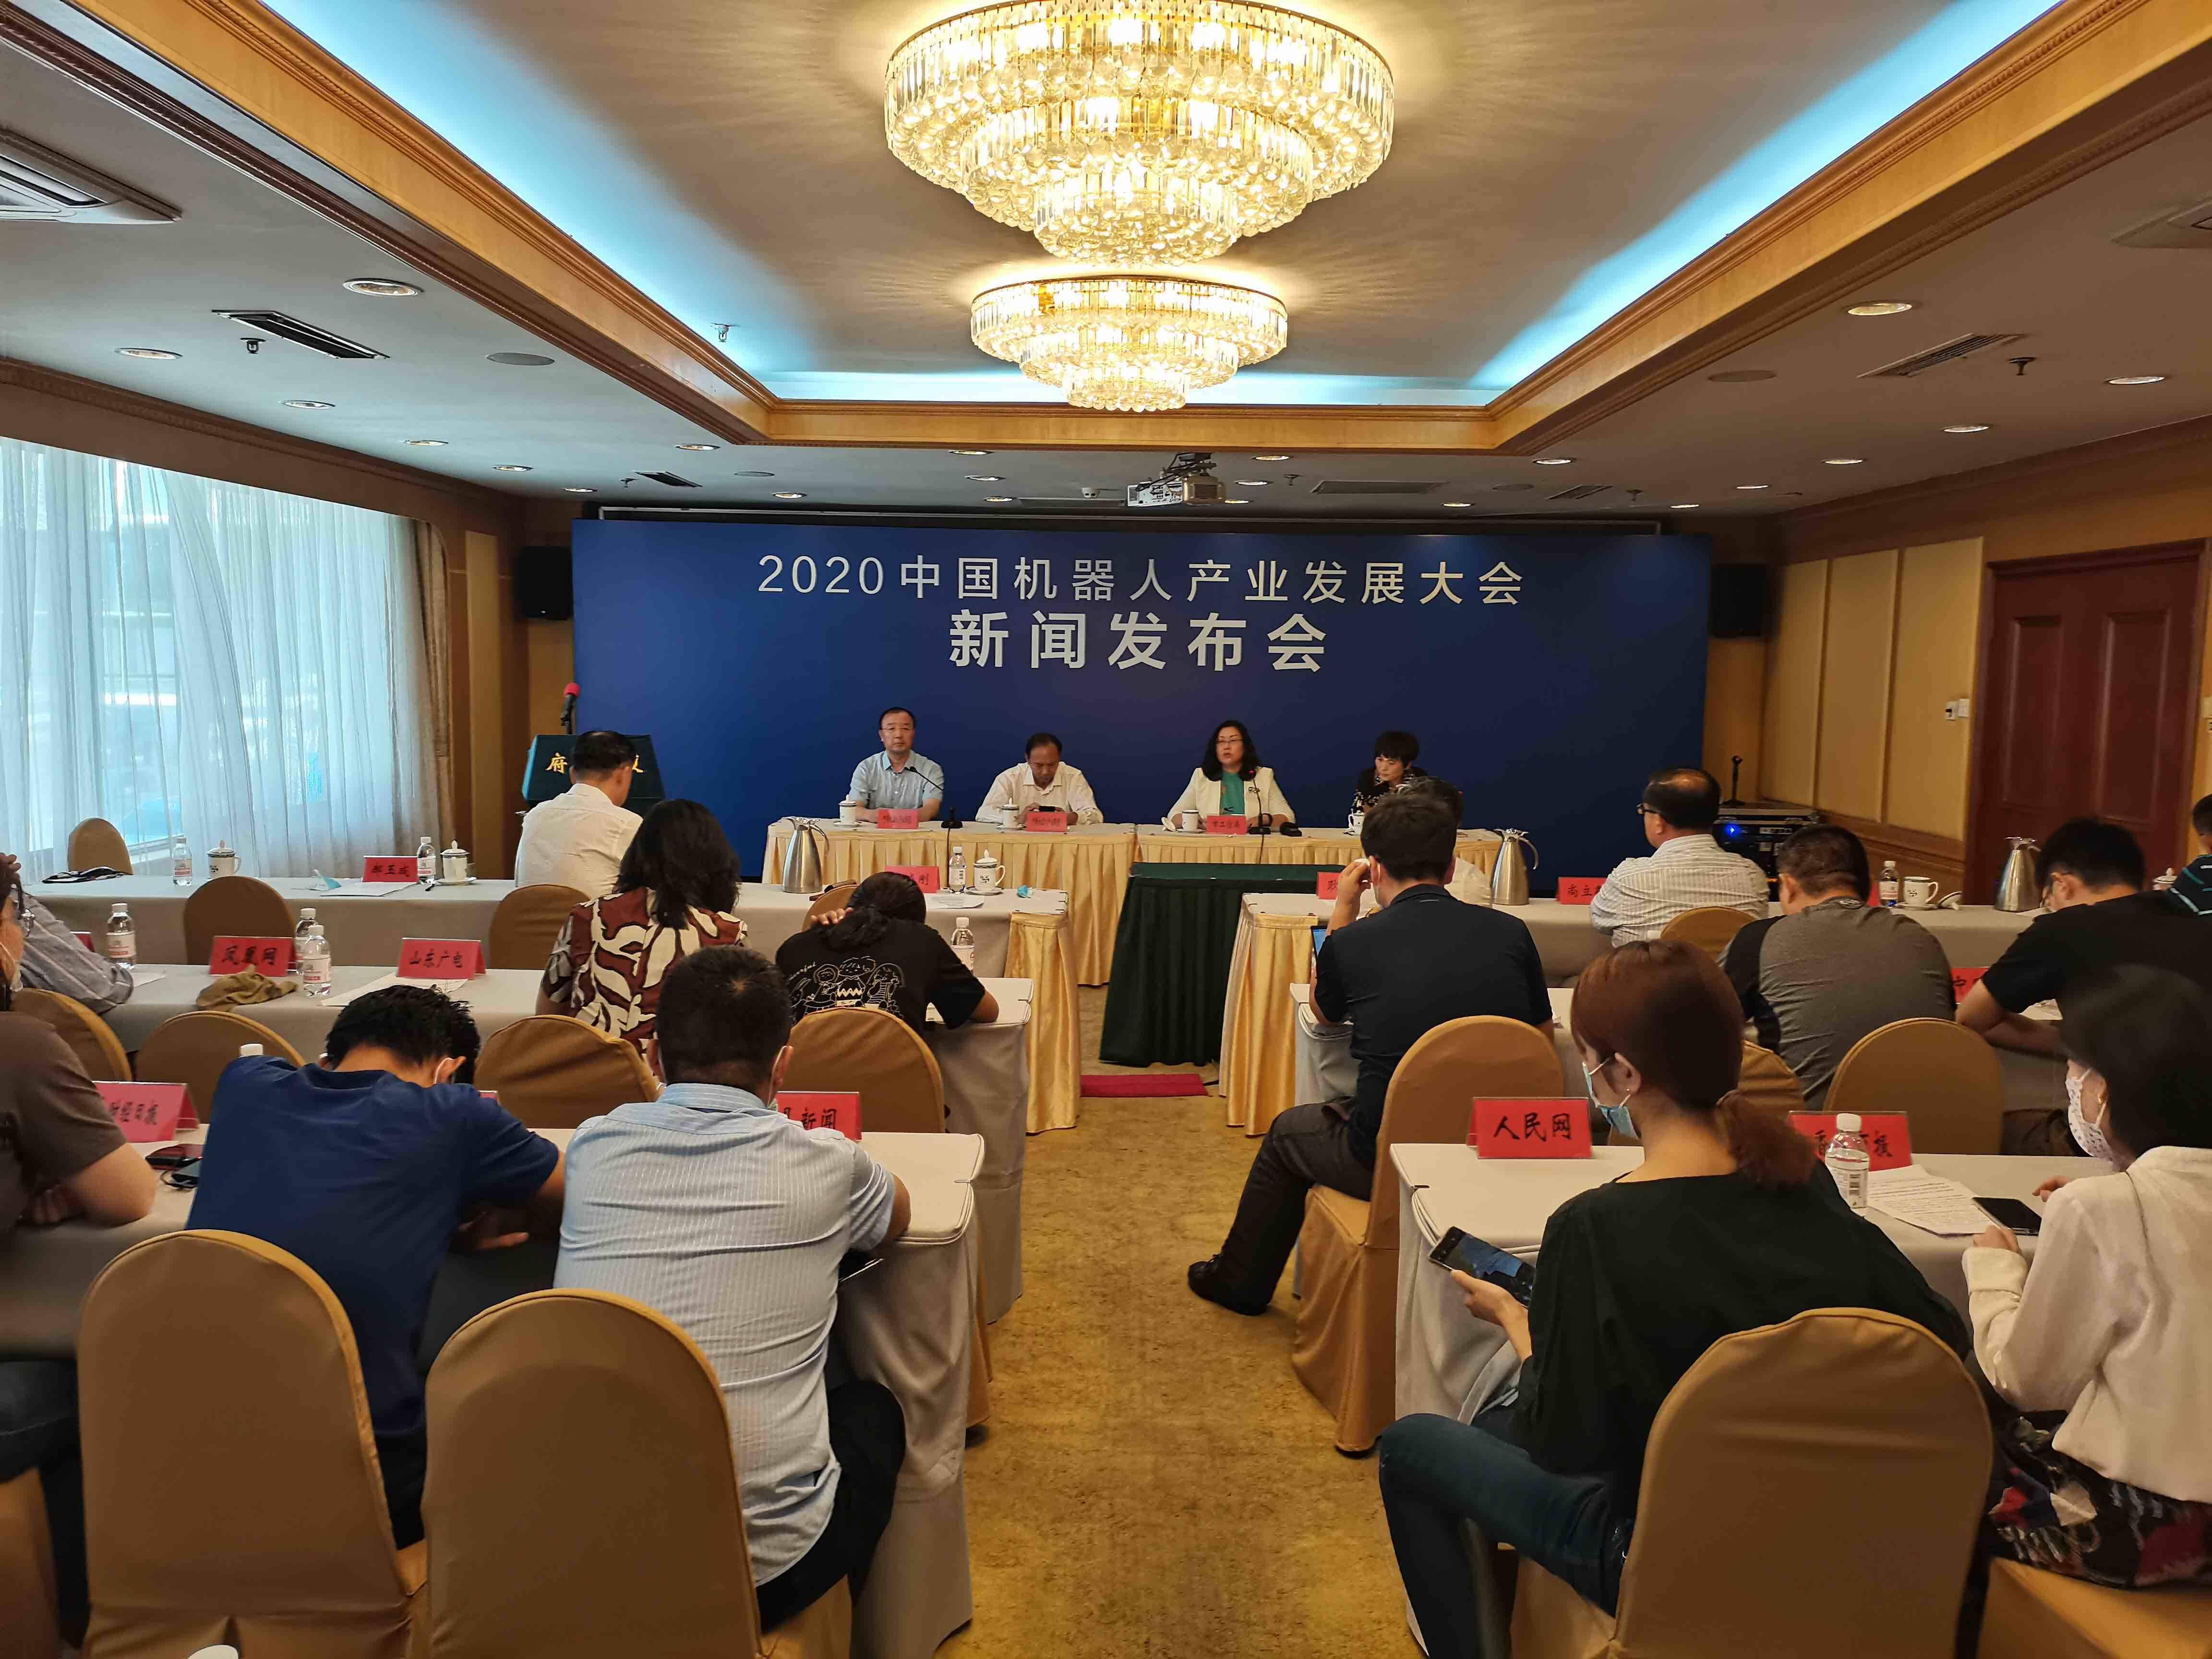 2020年中国机器人产业发展大会将于10月26-27日在青岛召开